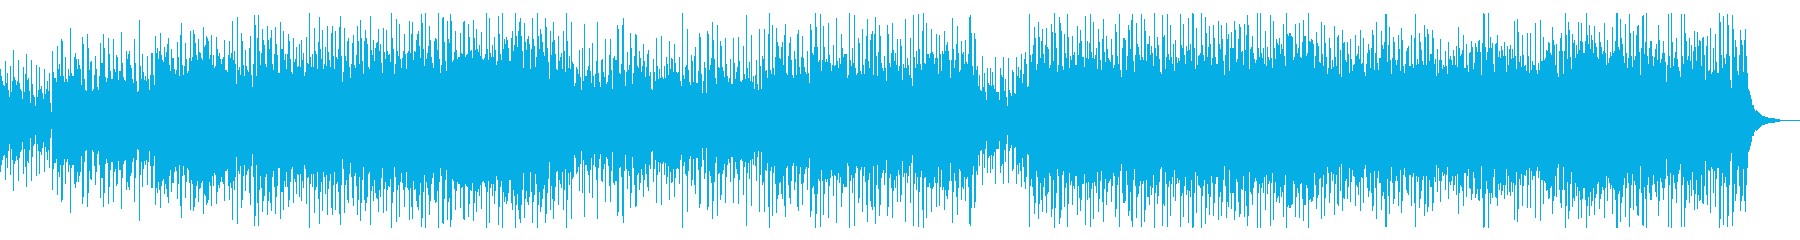 疾走感ポップオーケストラの再生済みの波形